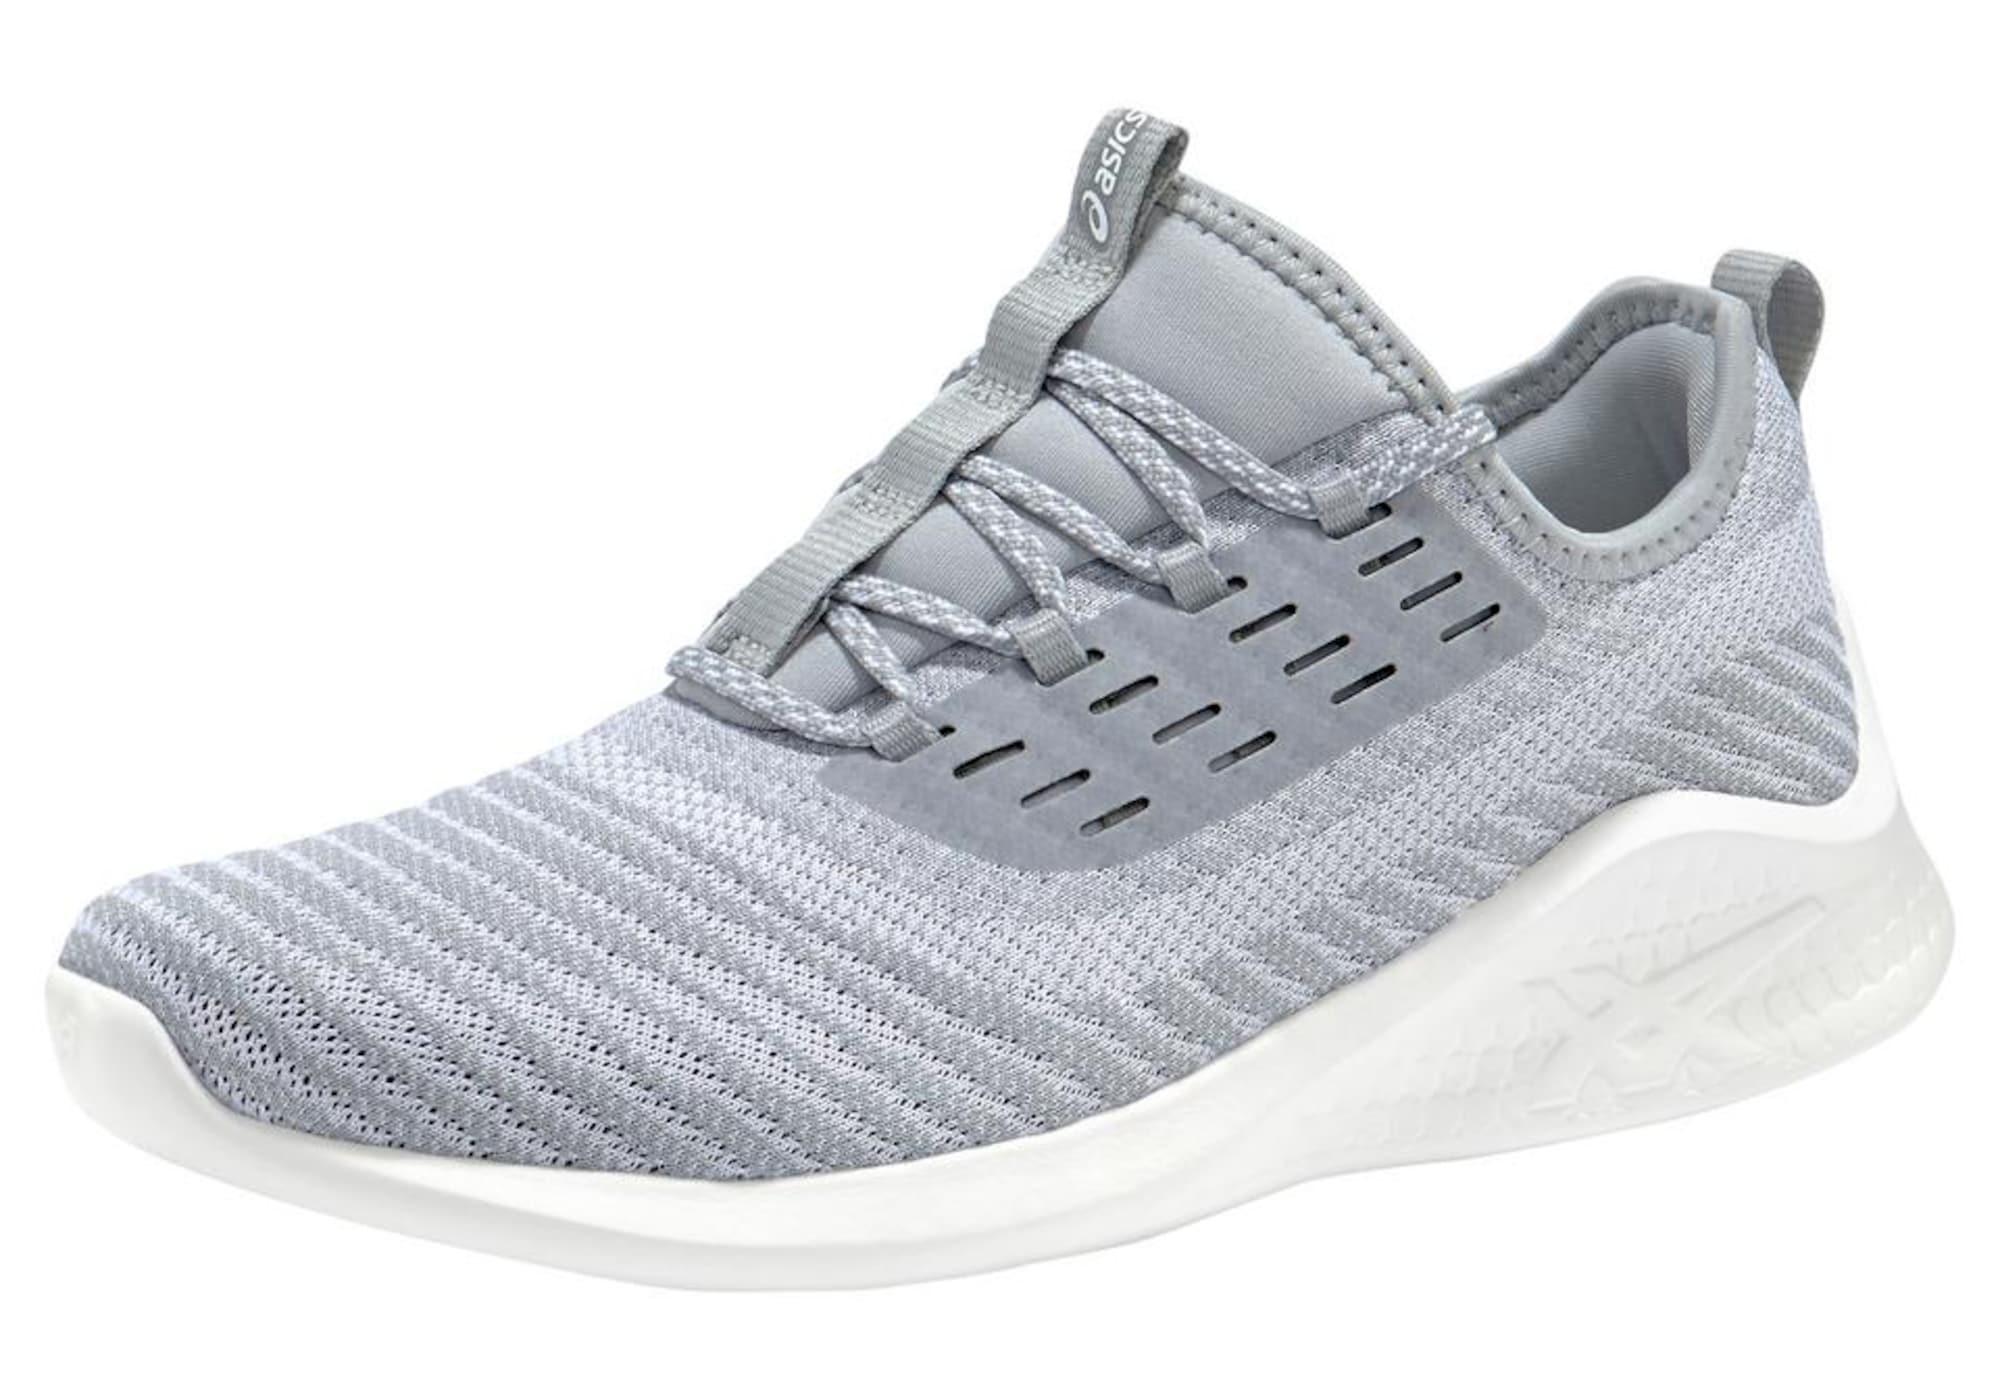 Sportovní boty FUZETORA šedá ASICS